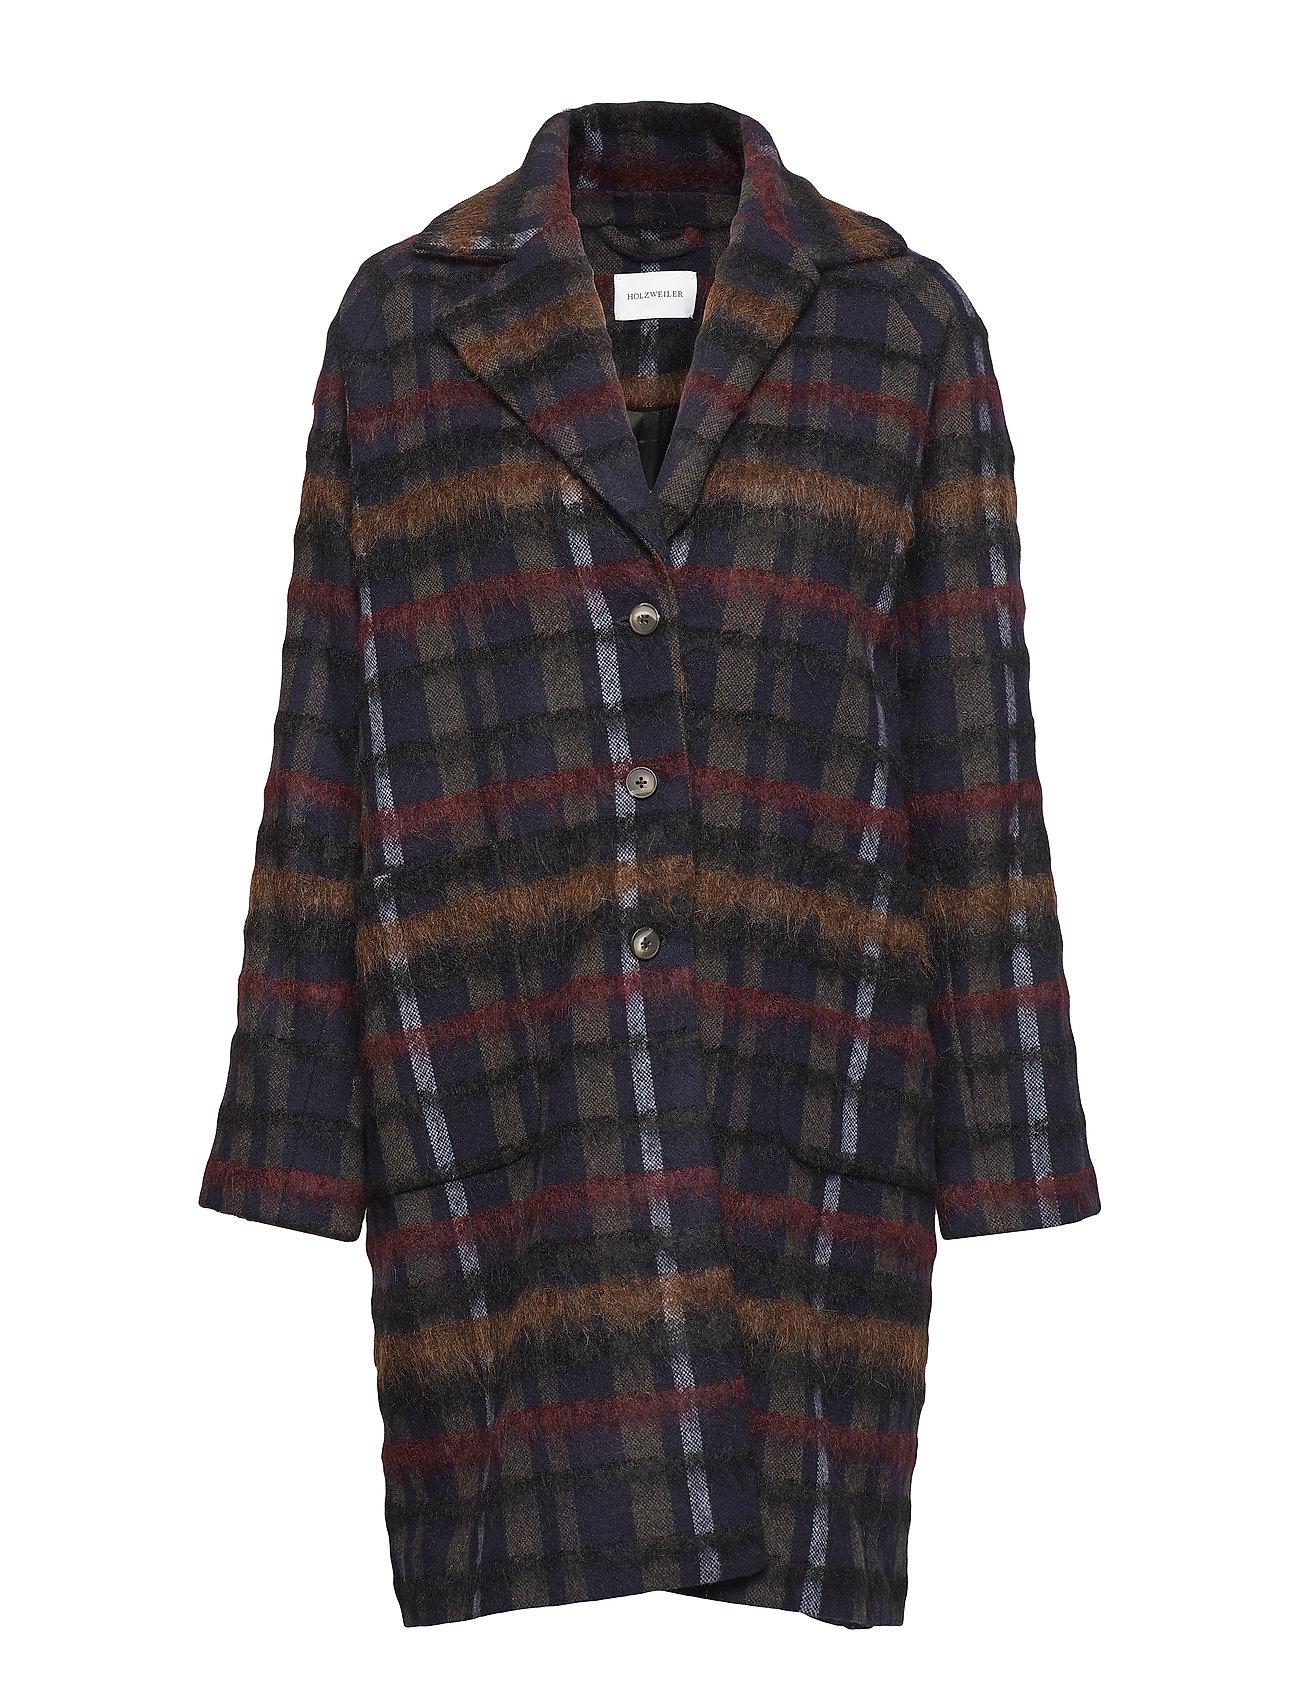 HOLZWEILER CATTLE Coat Ytterkläder